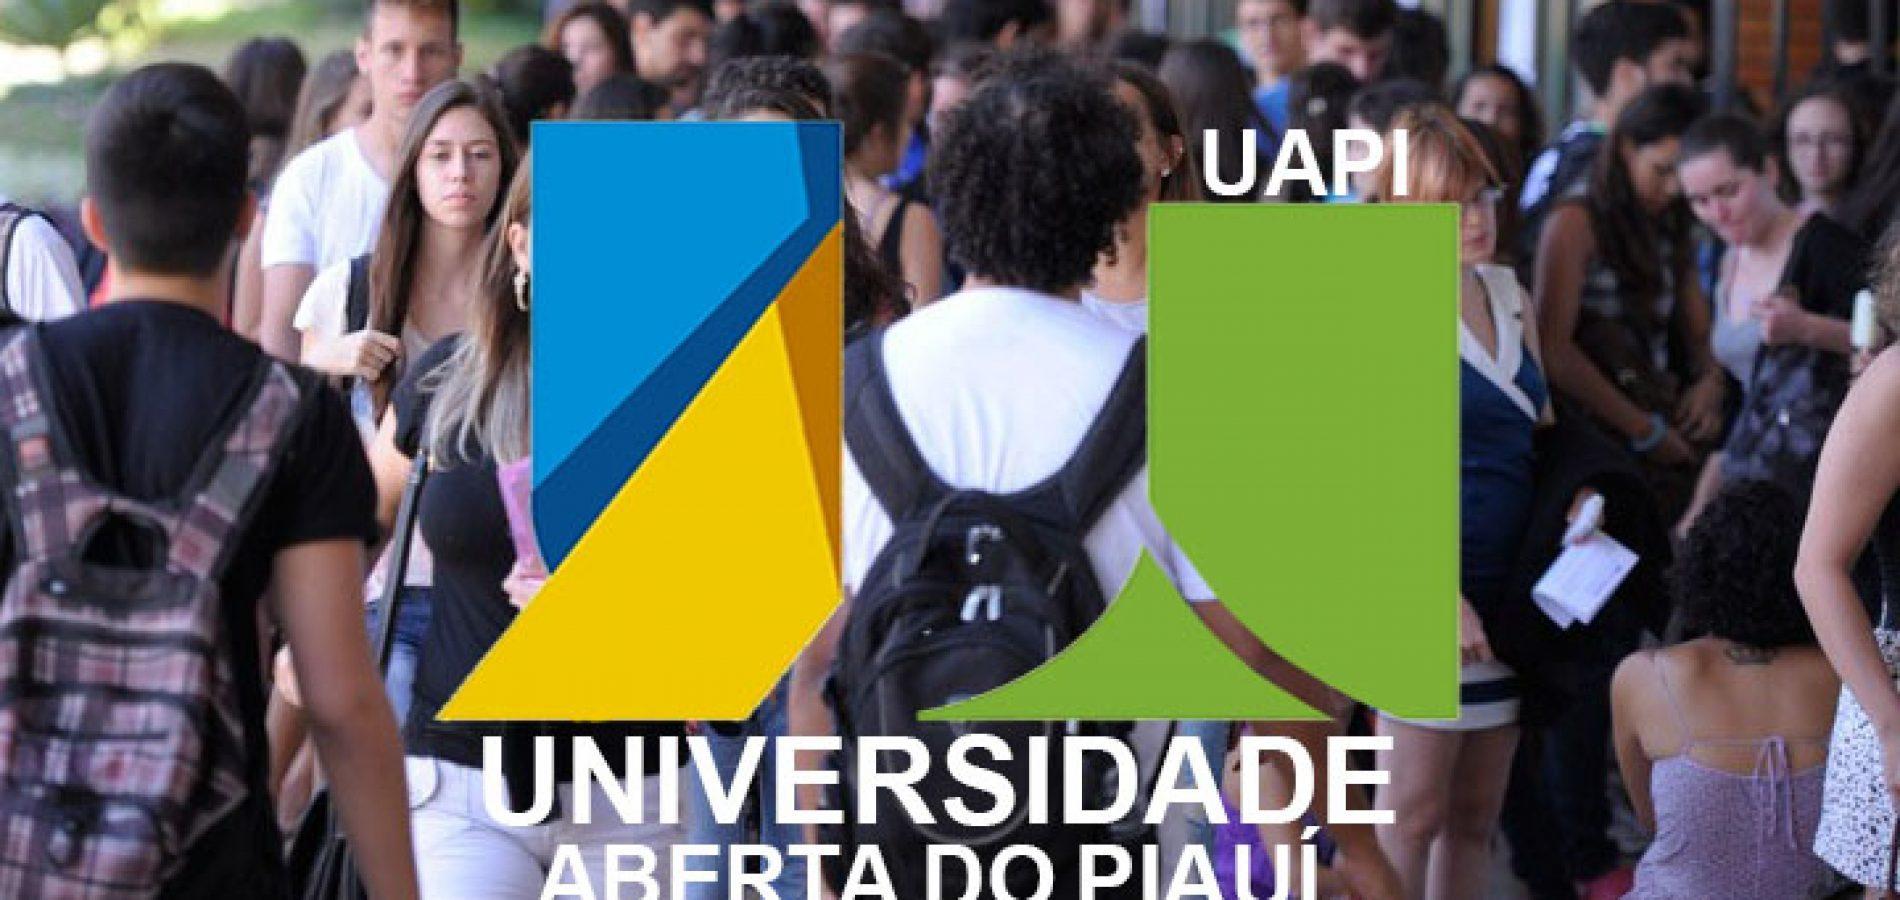 Inscrições para vestibular da UAPI encerram na sexta-feira (8)